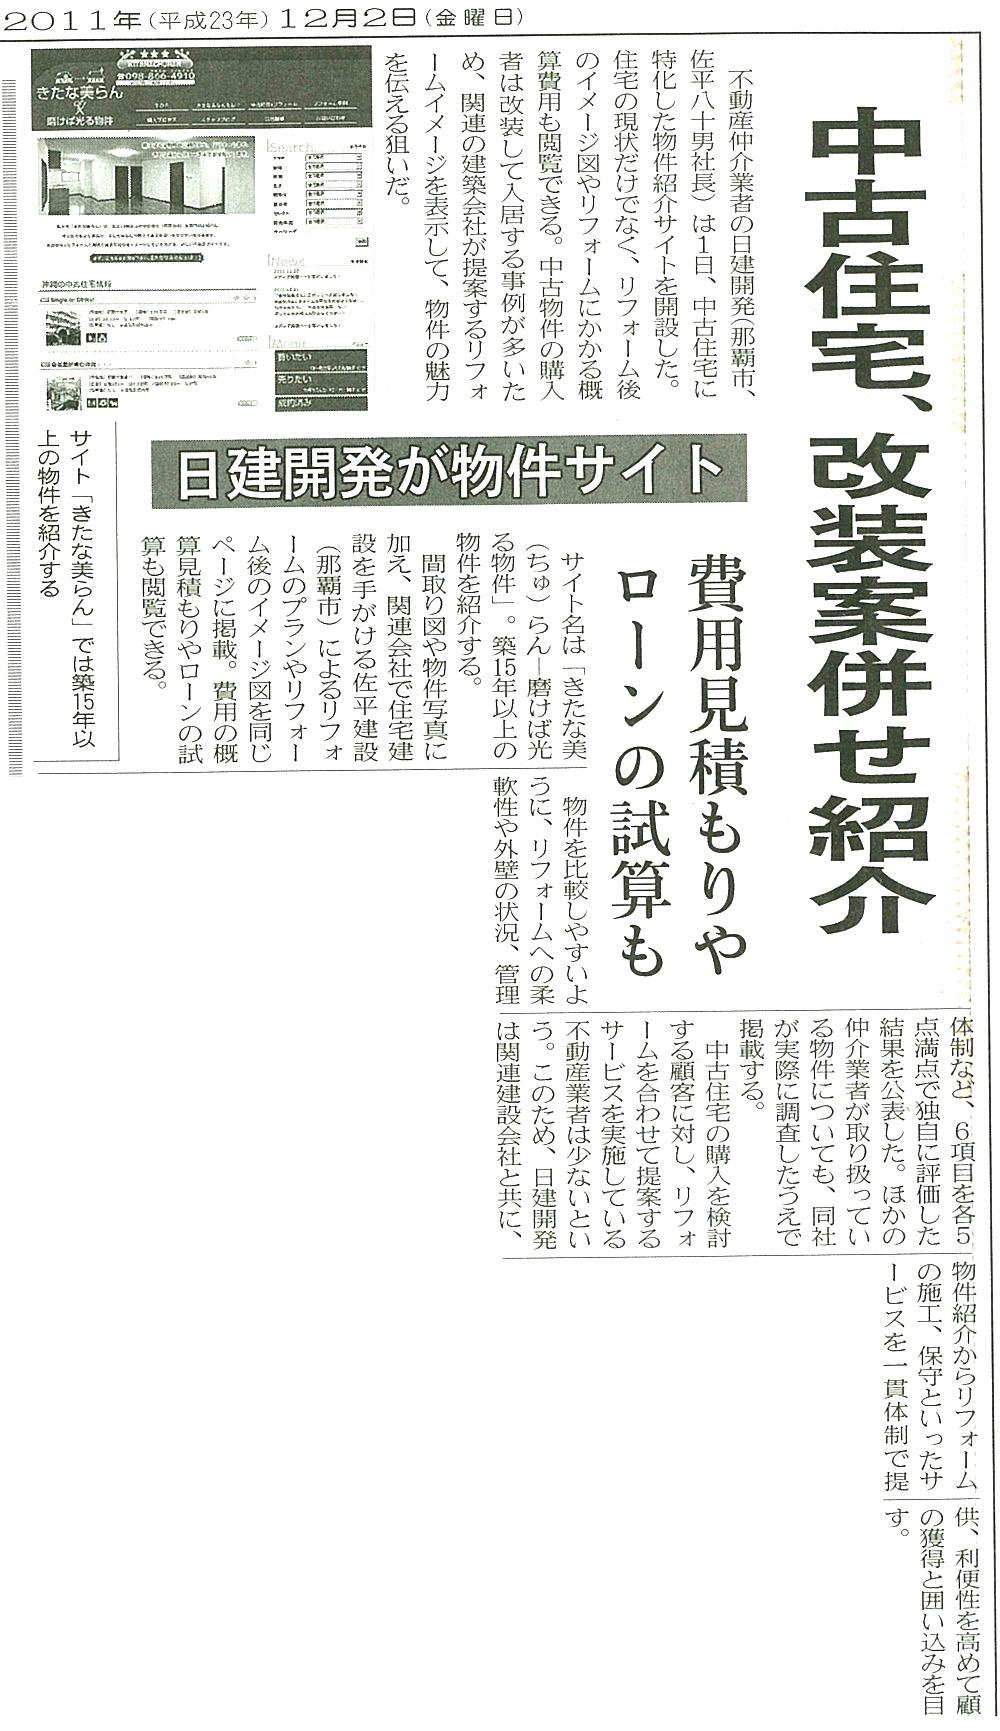 きたな美らん 日本経済新聞